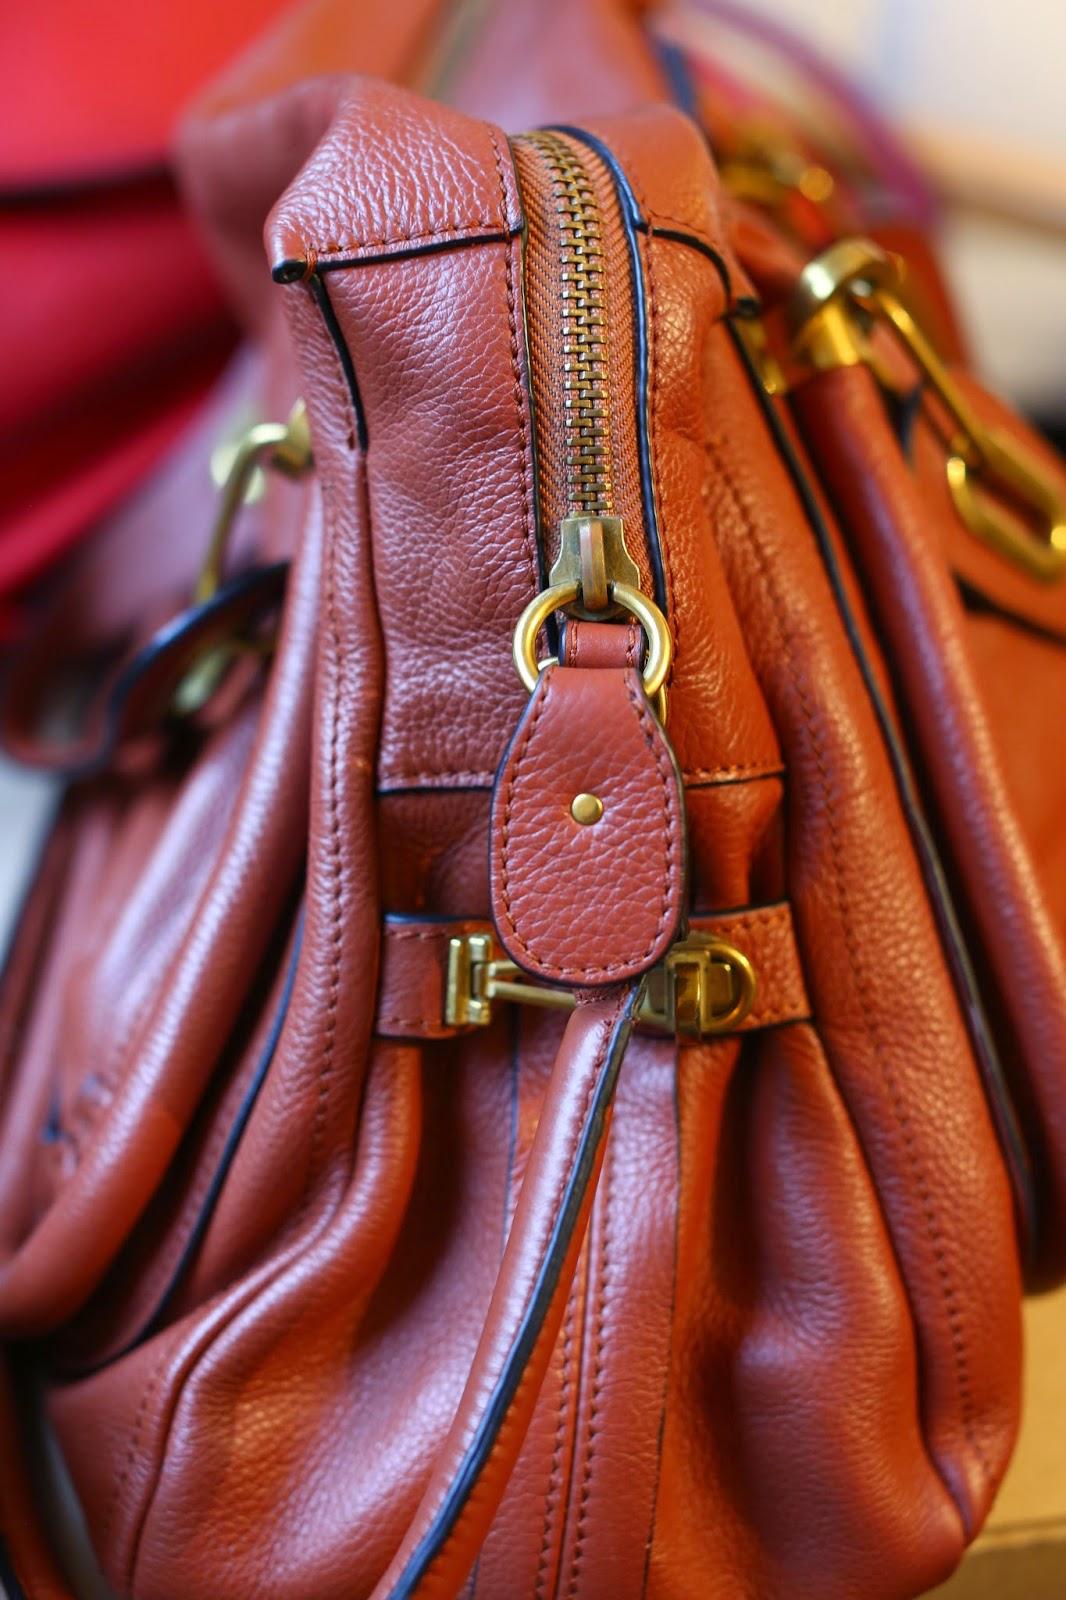 537e594b3a Quelle que soit la taille du sac la largeur de la bande de cuir en haut du  boudin mesure 4cm sur les sacs CHLOE authentiques.